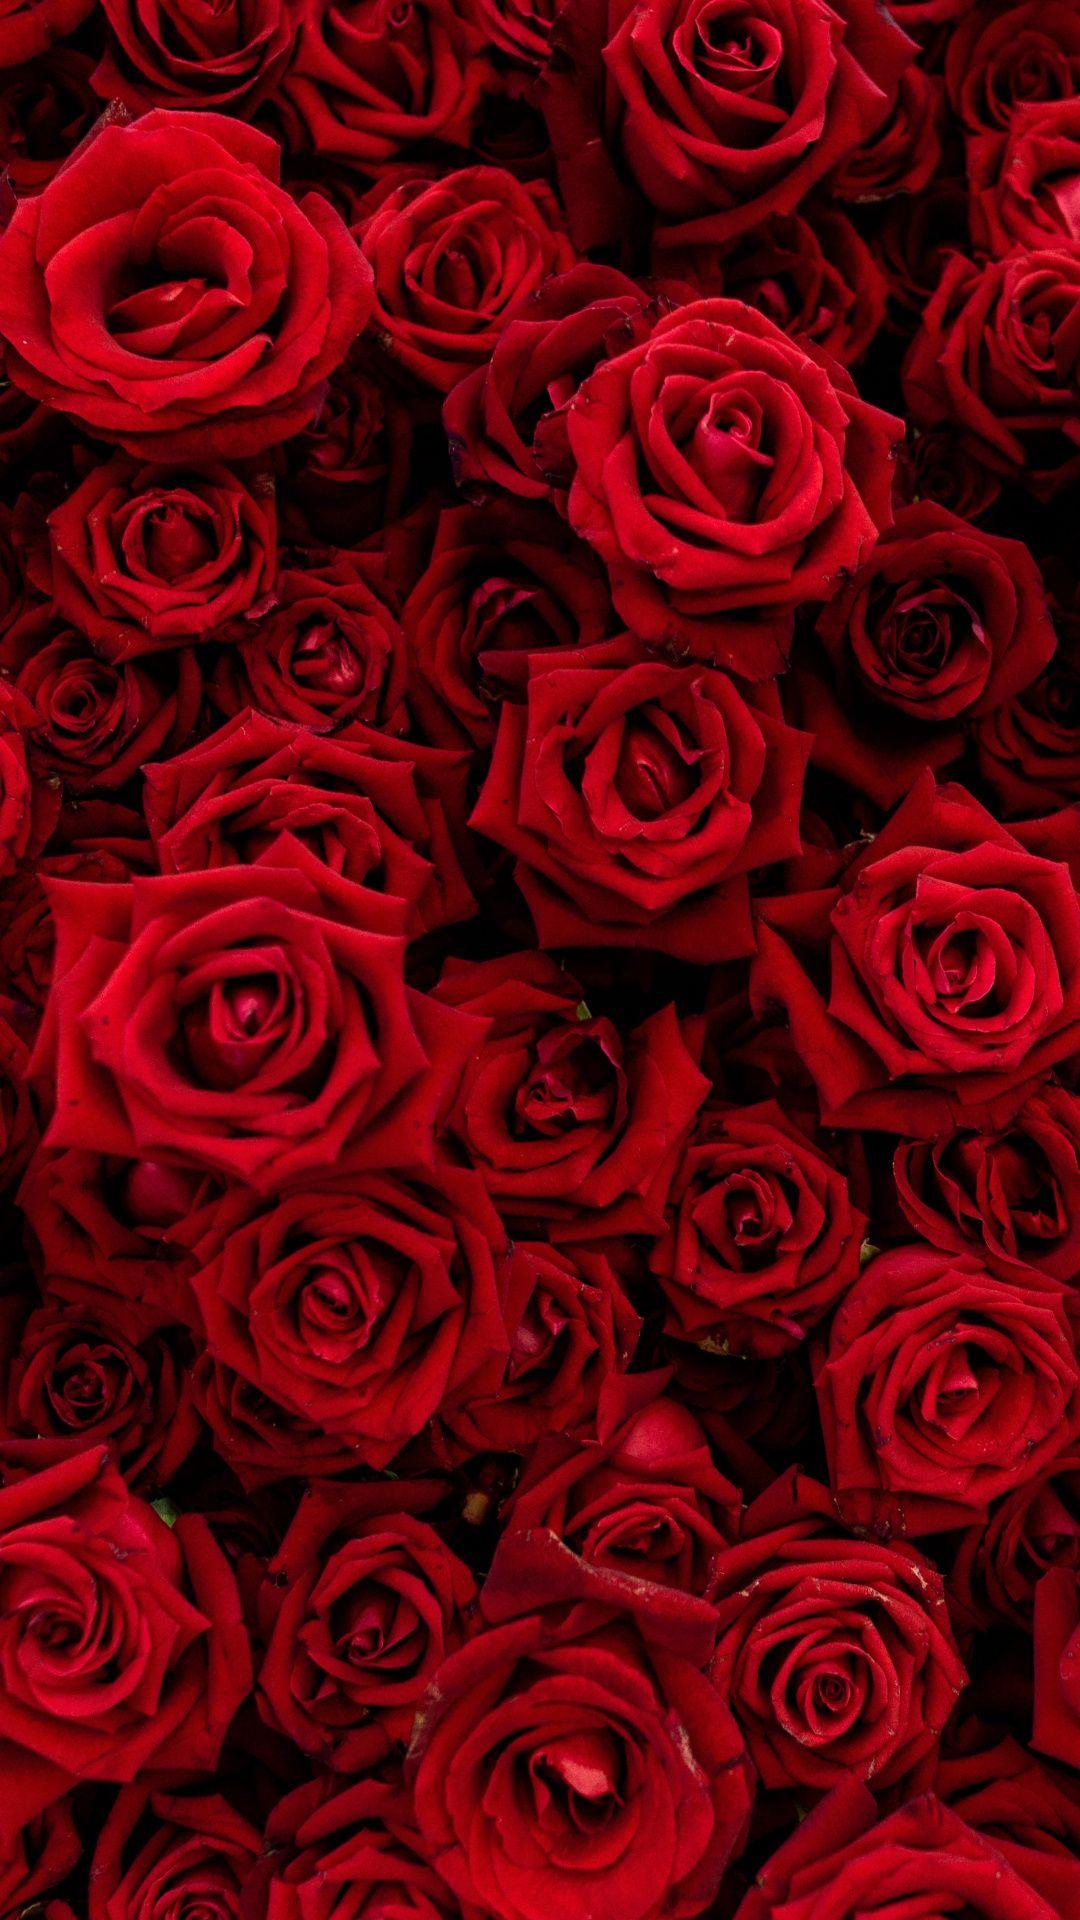 roses 2.jpg